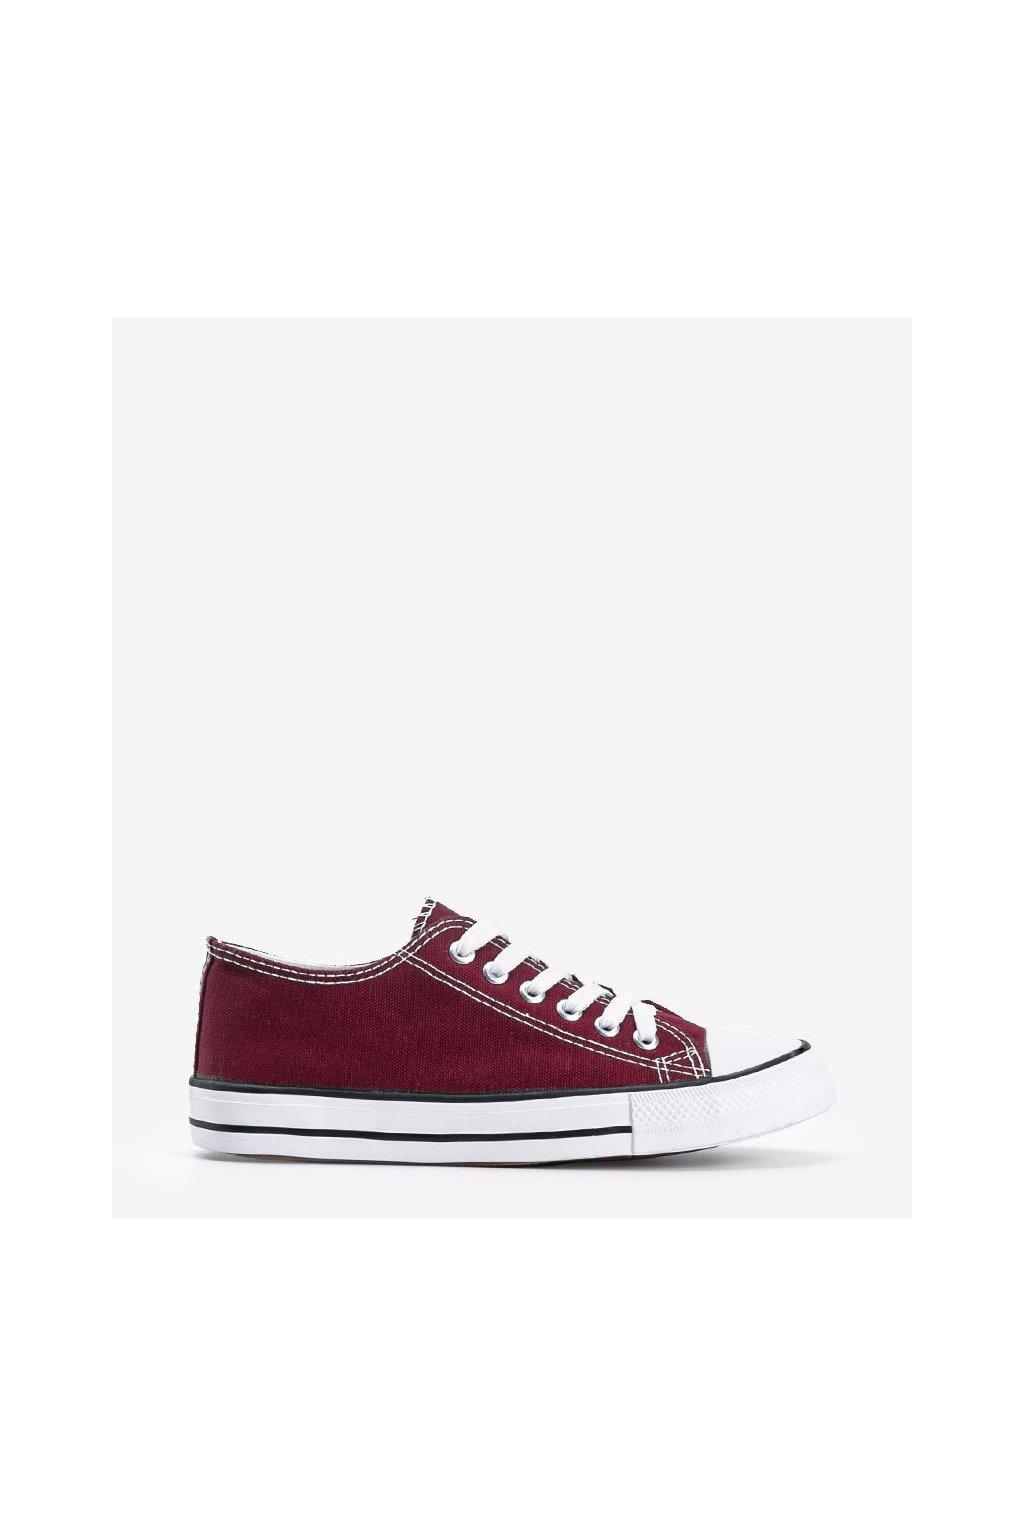 Dámske topánky tenisky bordové kód LD8A07 - GM